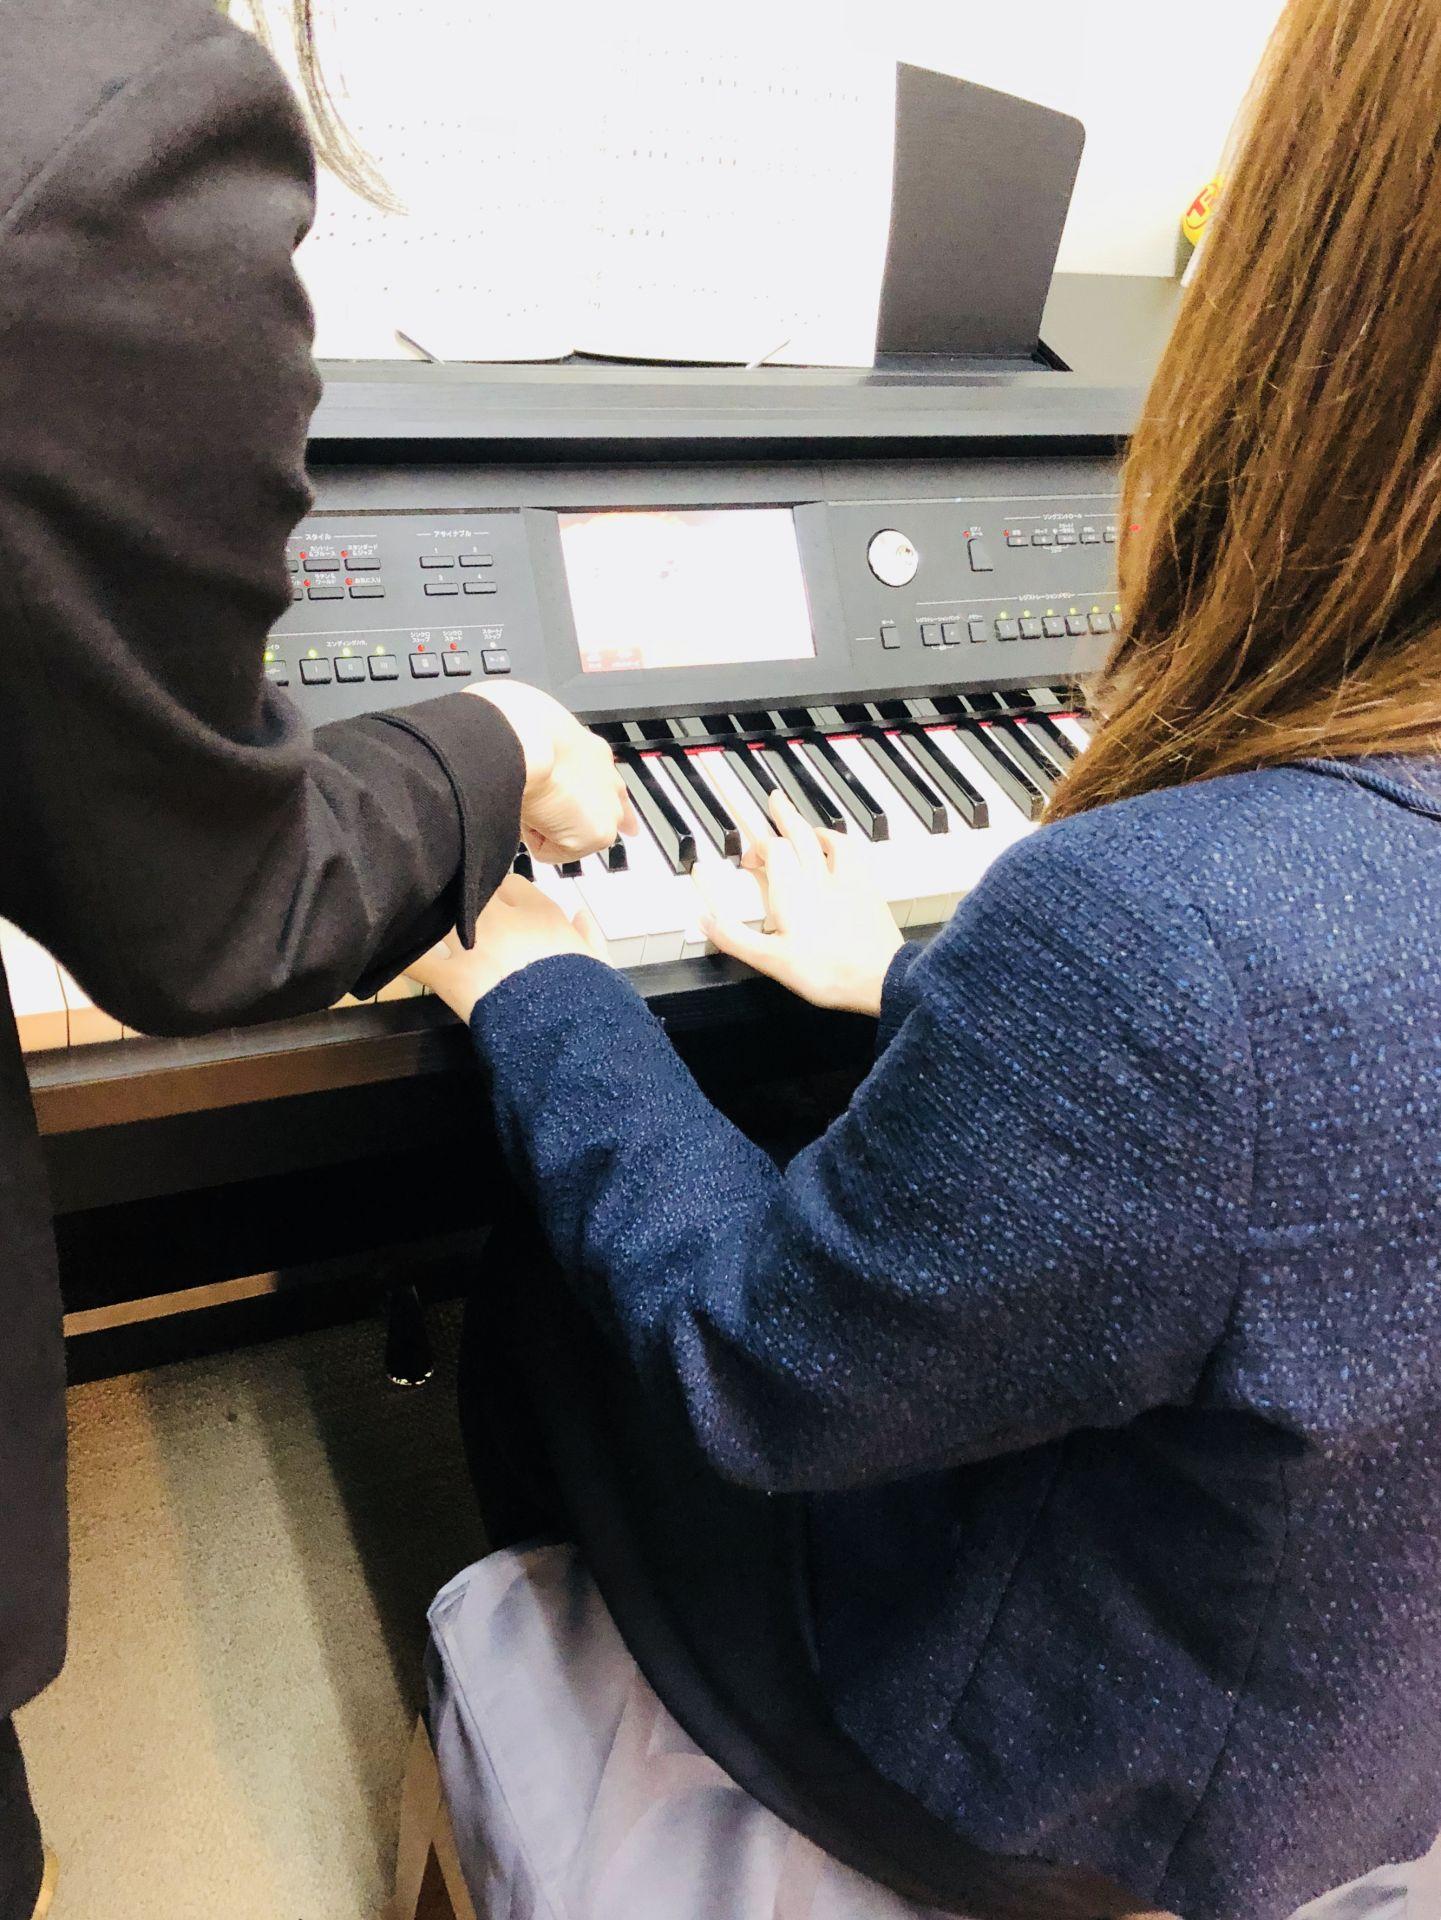 新所沢・所沢・ピアノ・教室・レッスン・島村楽器・体験